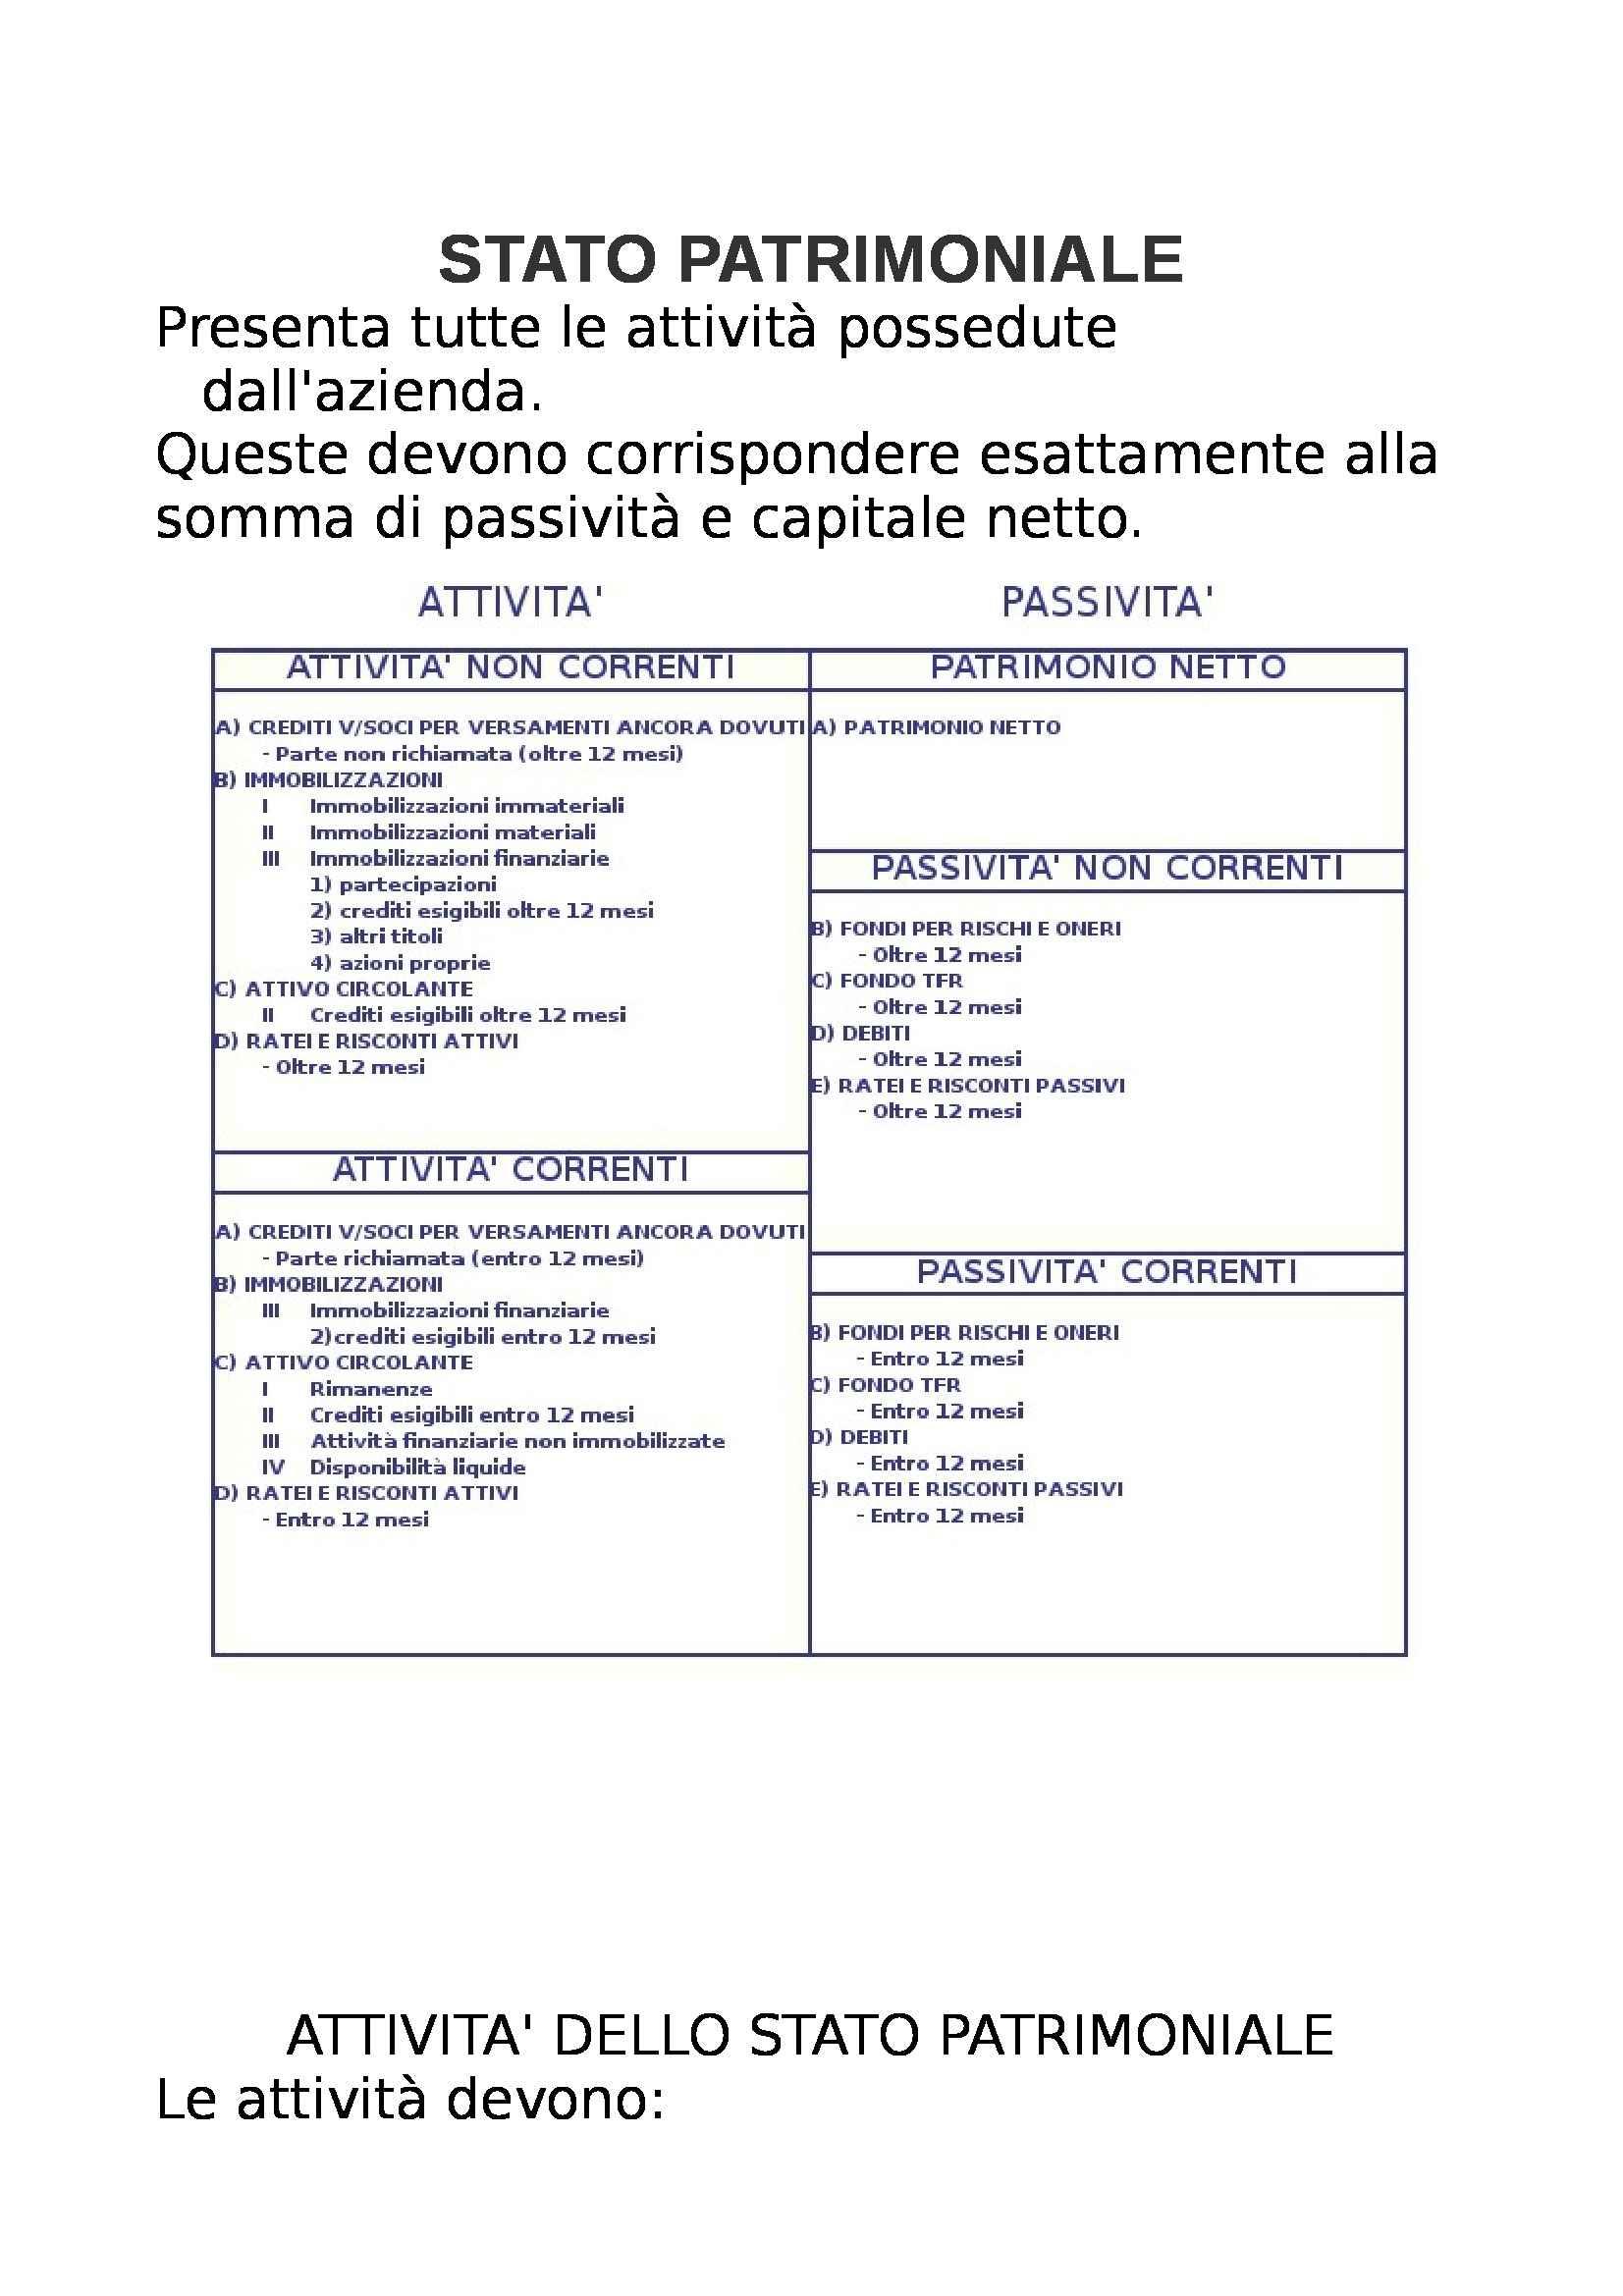 Economia e organizzazione aziendale - bilancio d'esercizio Pag. 2